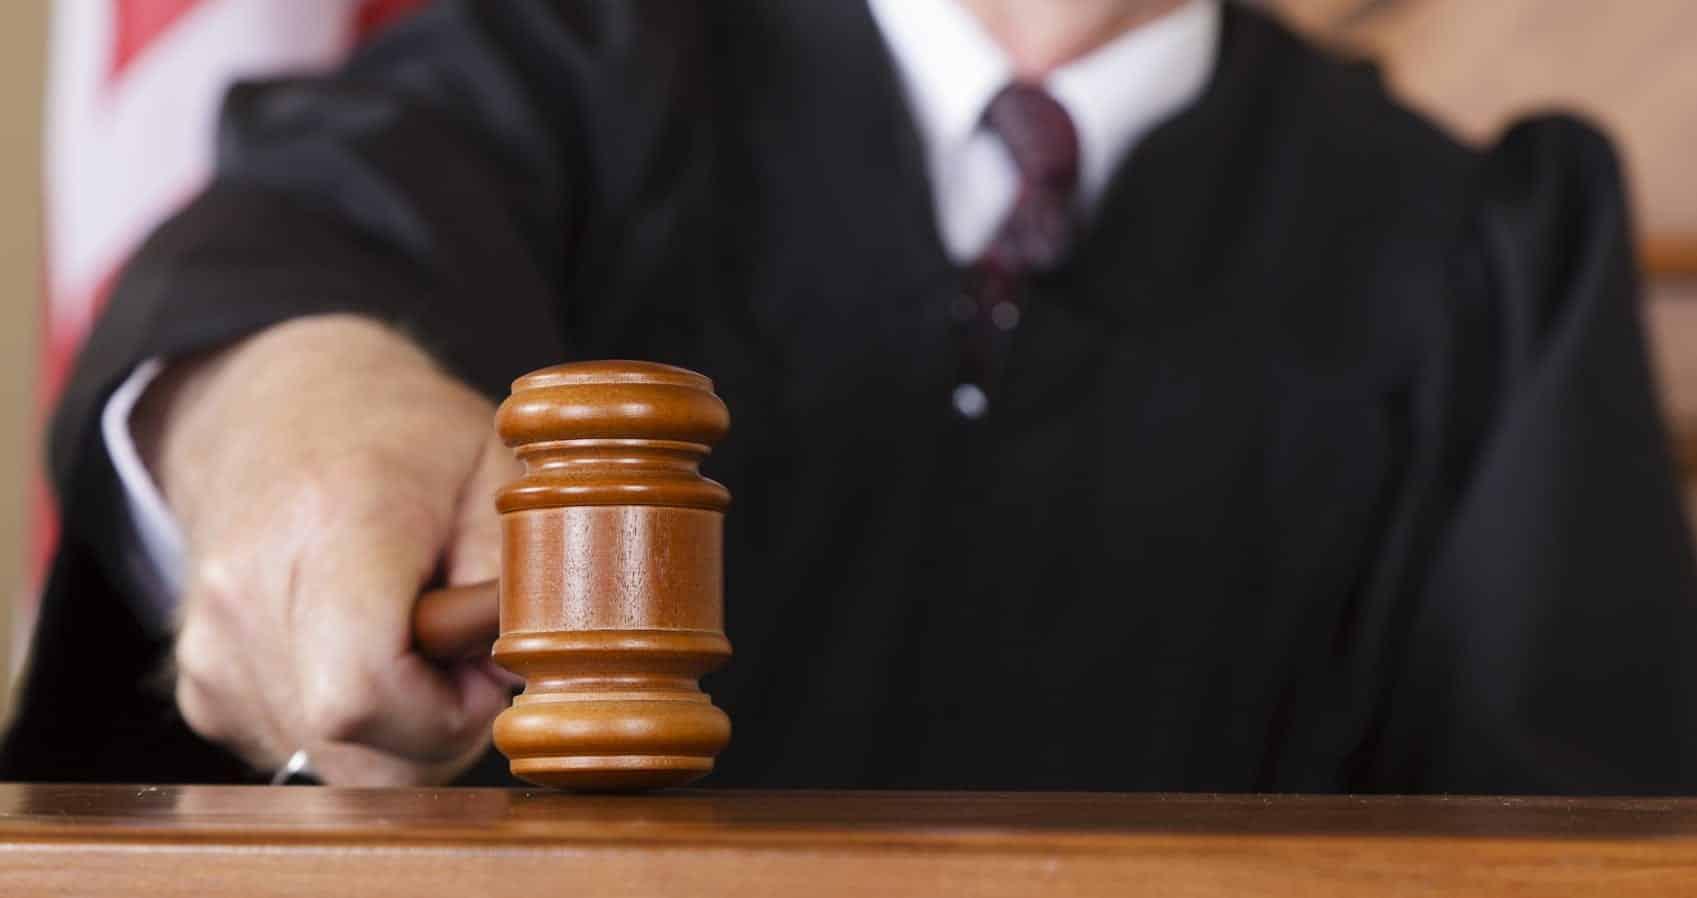 Judge Slamming Gavel Inside Courtroom Stock Photo